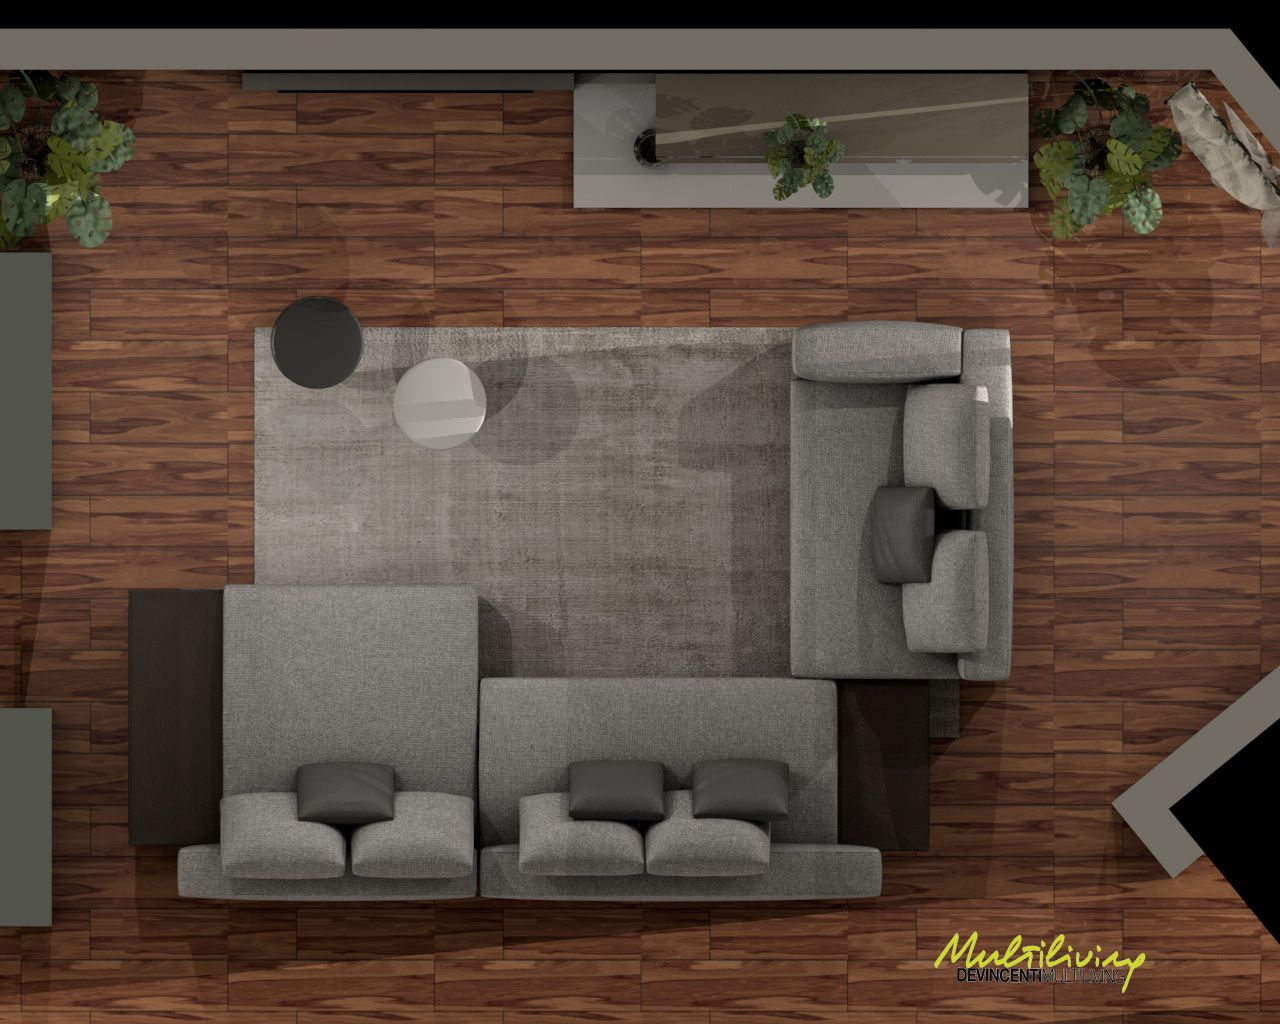 Devincenti multiliving piubega mantova esposizione arredo for Marche arredamento design